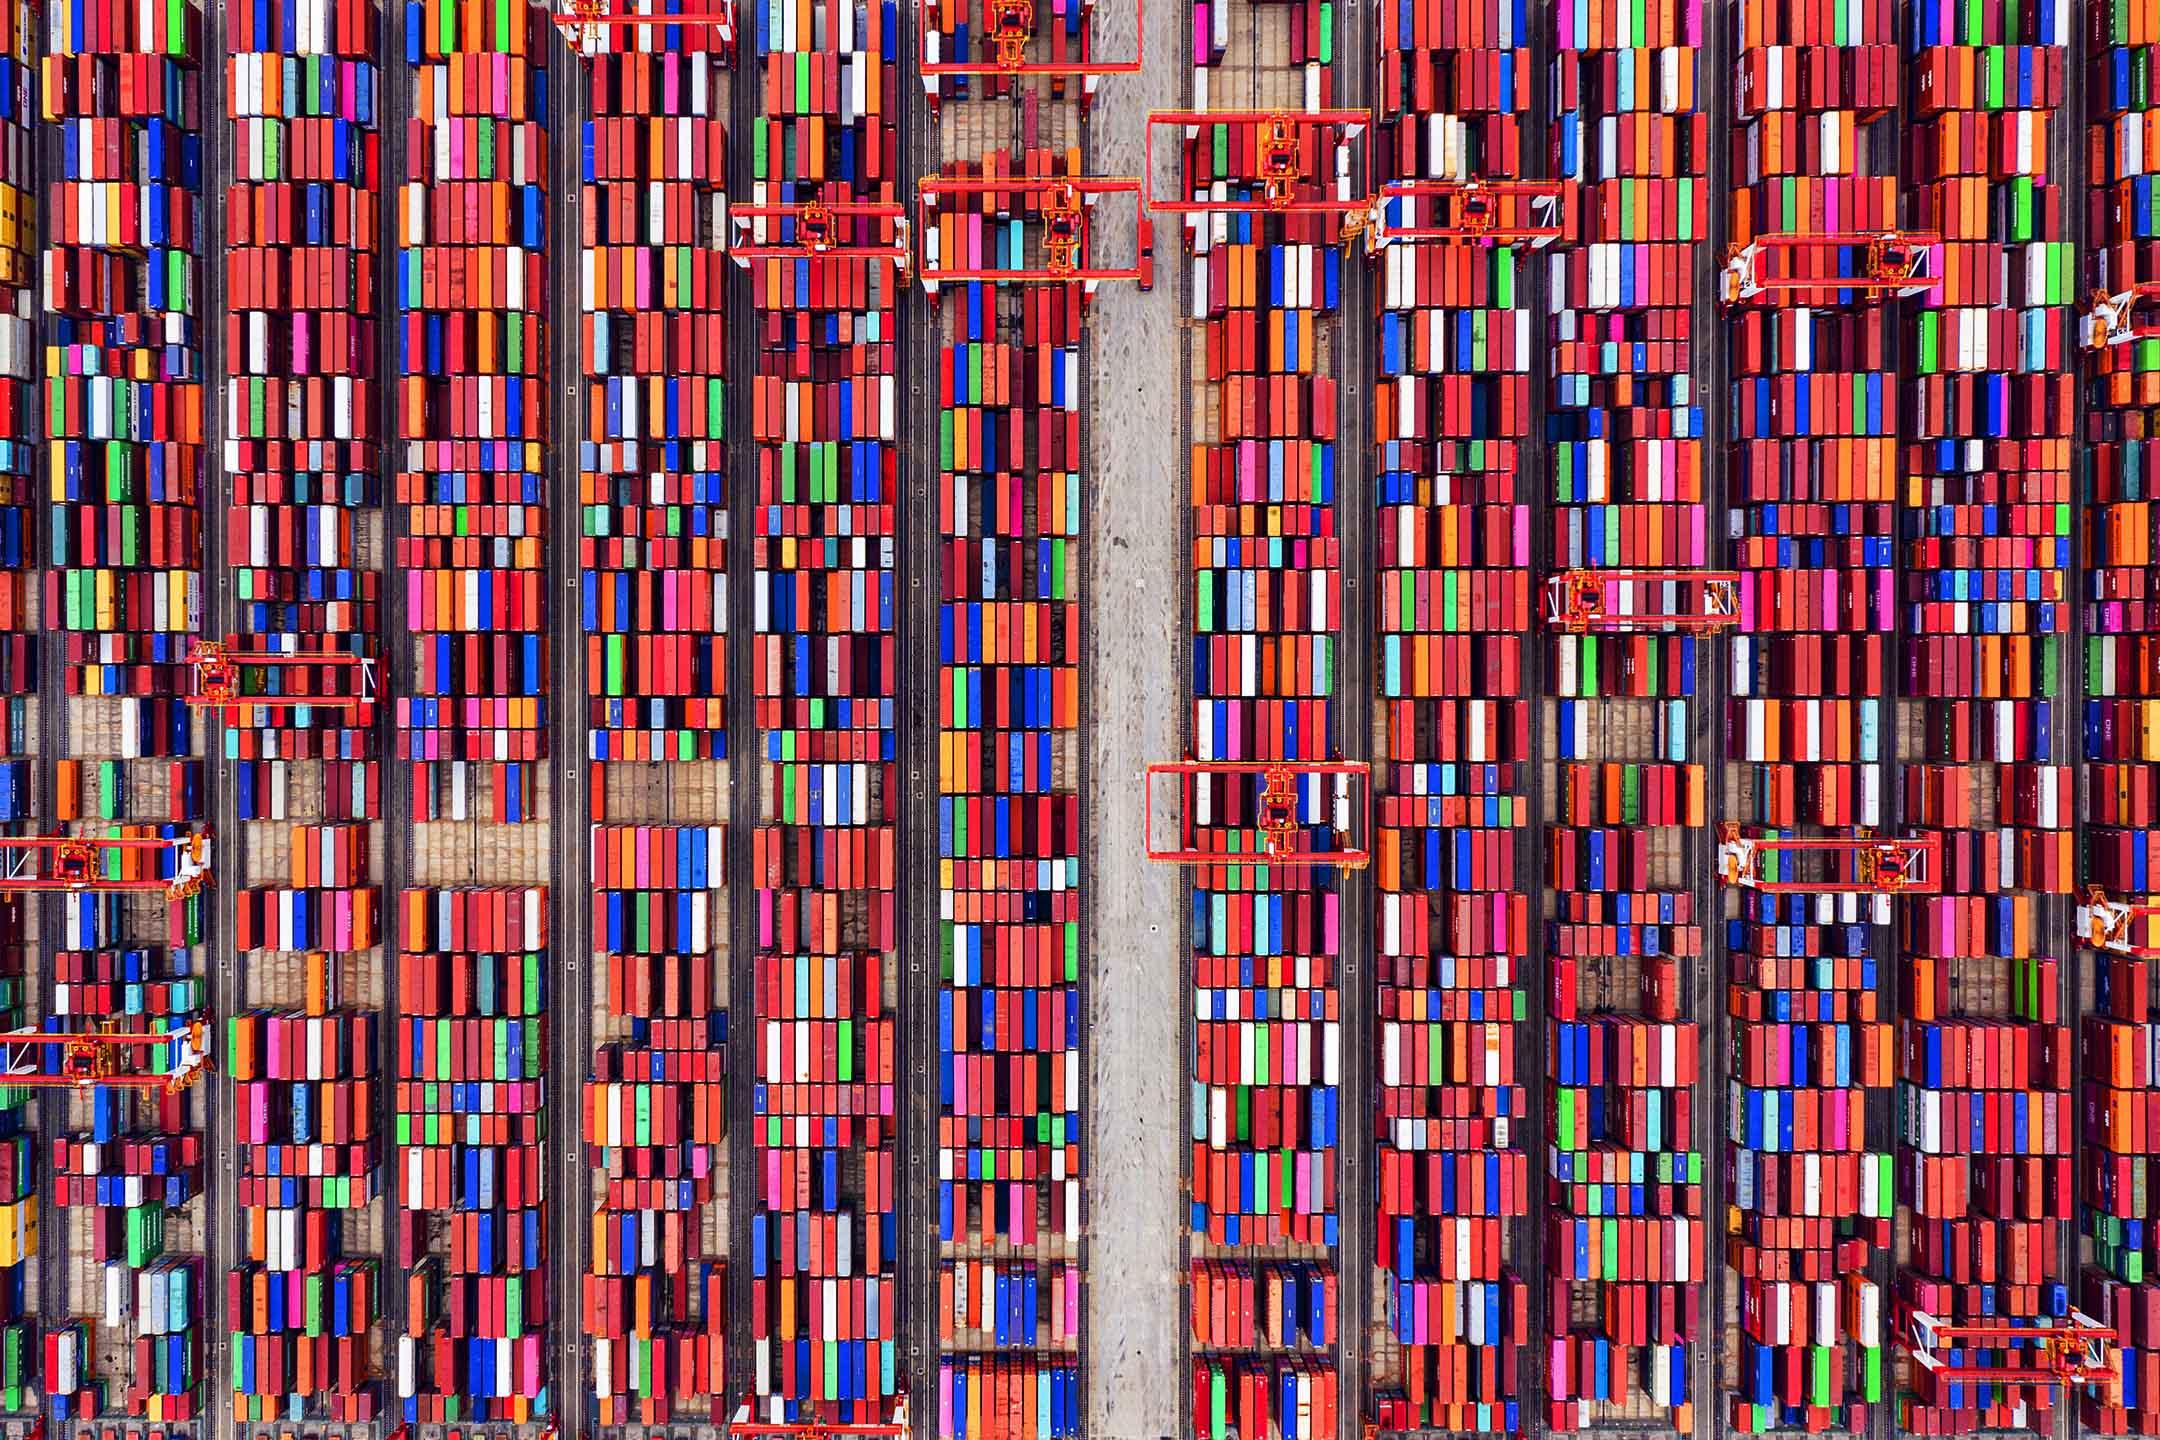 2021年5月21日中國上海,洋山深水港堆放的你貨櫃箱。